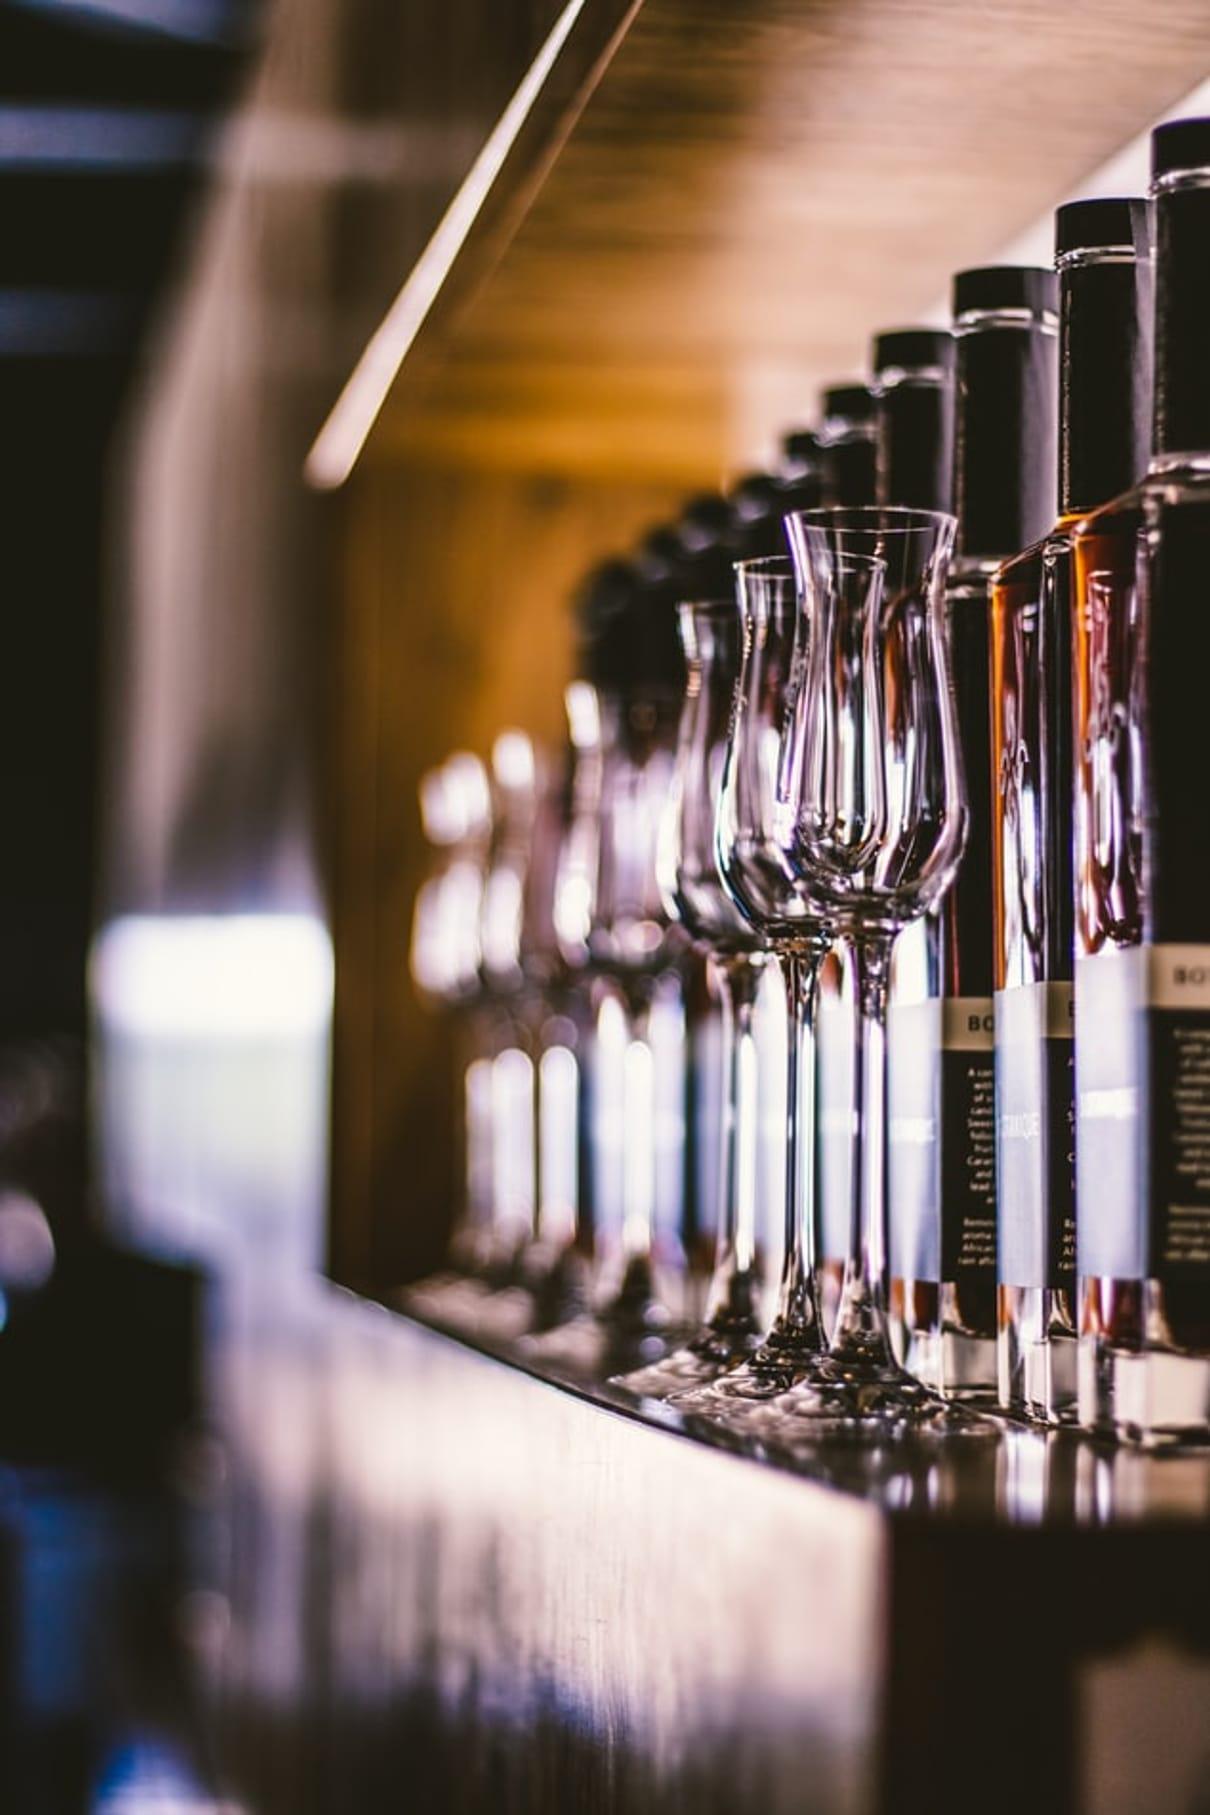 DAS TASTING FÄLLT AUS  - 10. Juli = Remote Distilleries, normaler Pubbetrieb